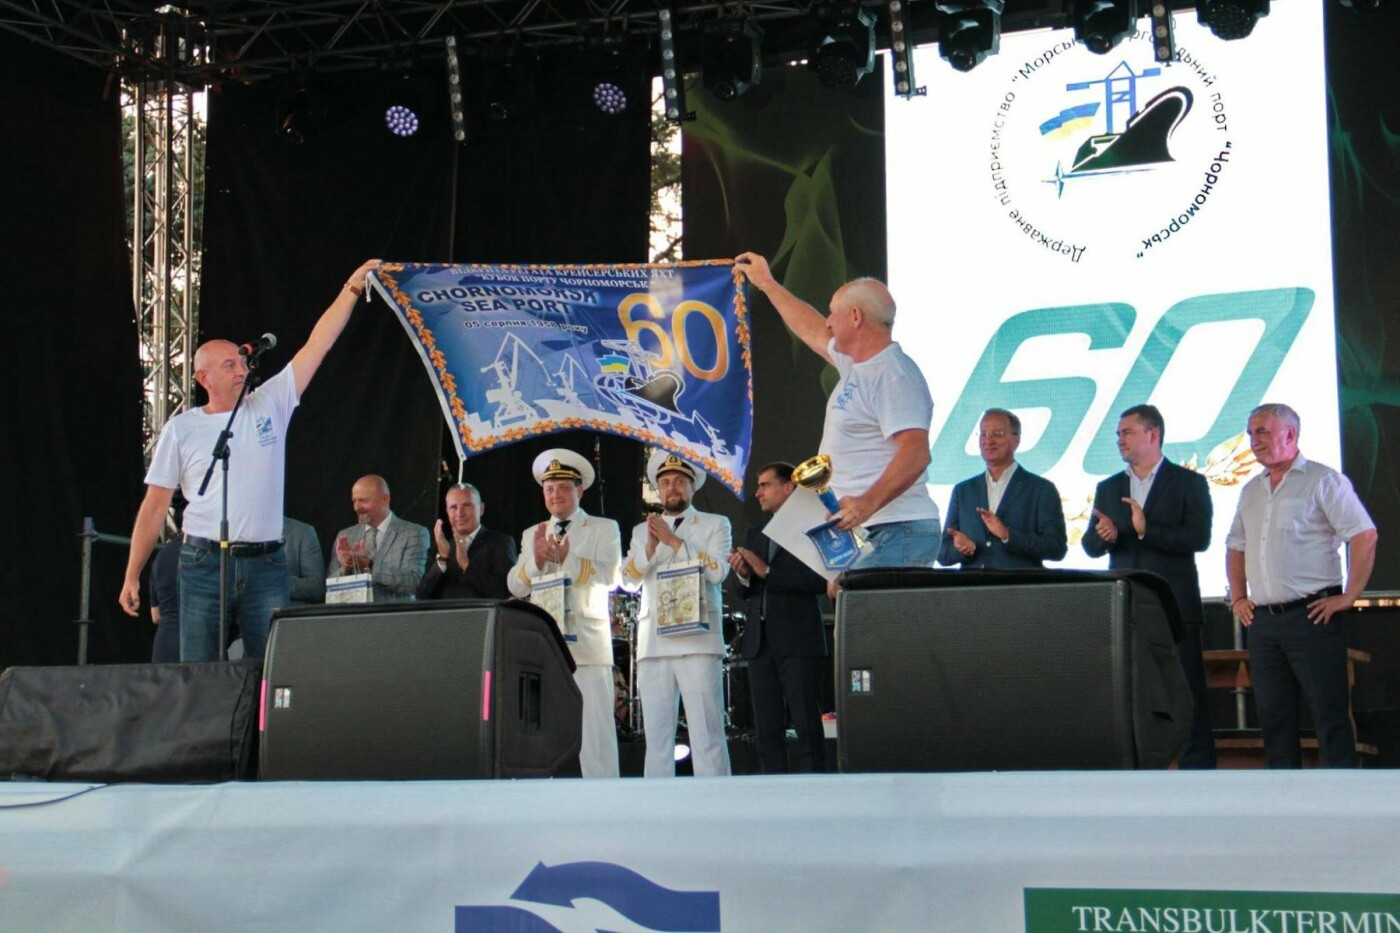 Празднование шестидесятилетия Морского порта Черноморска. Впечатления и особенности., фото-21